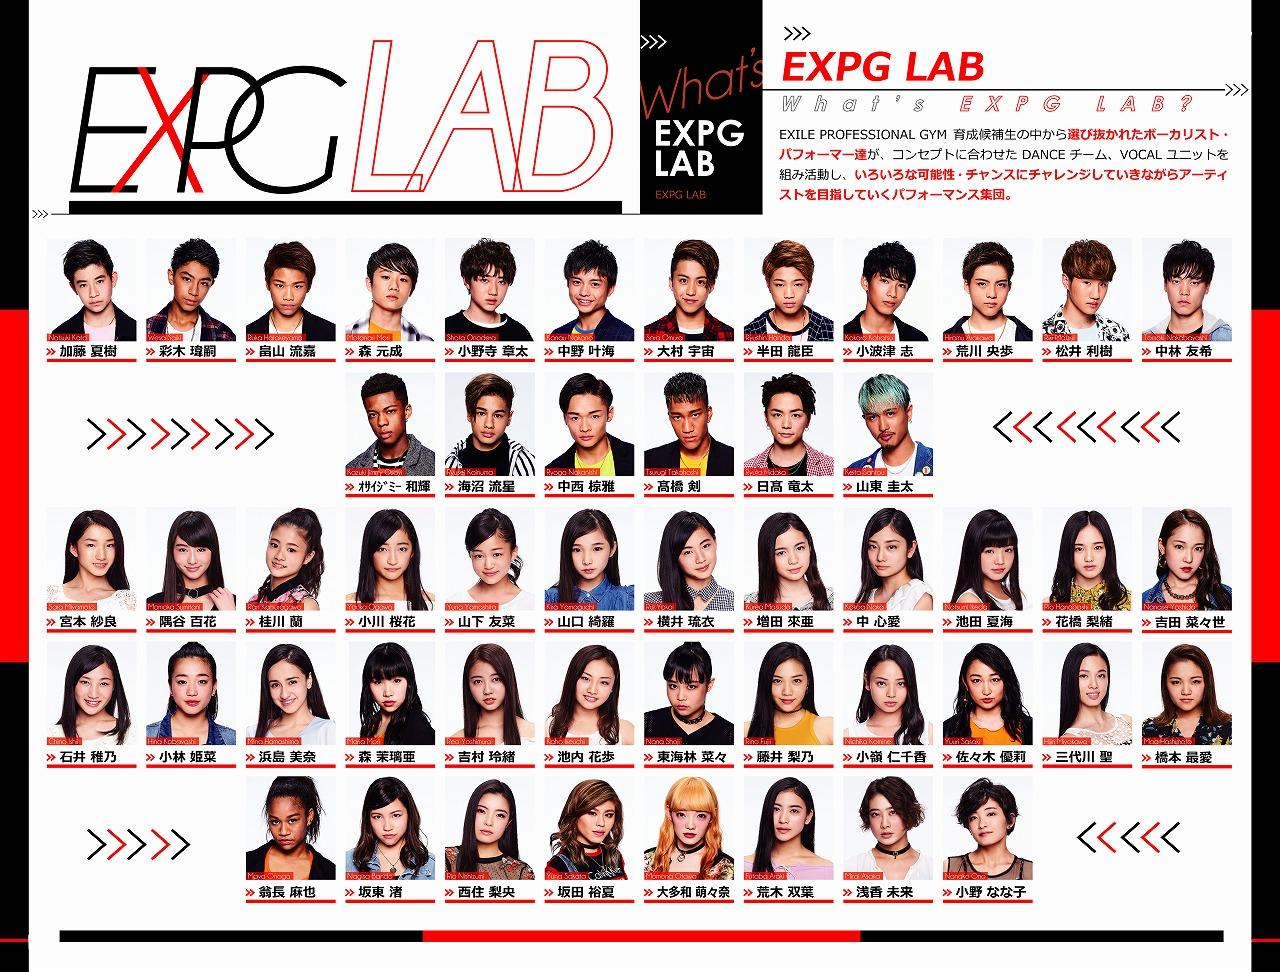 EXPG LAB - ニュース - お知らせ...